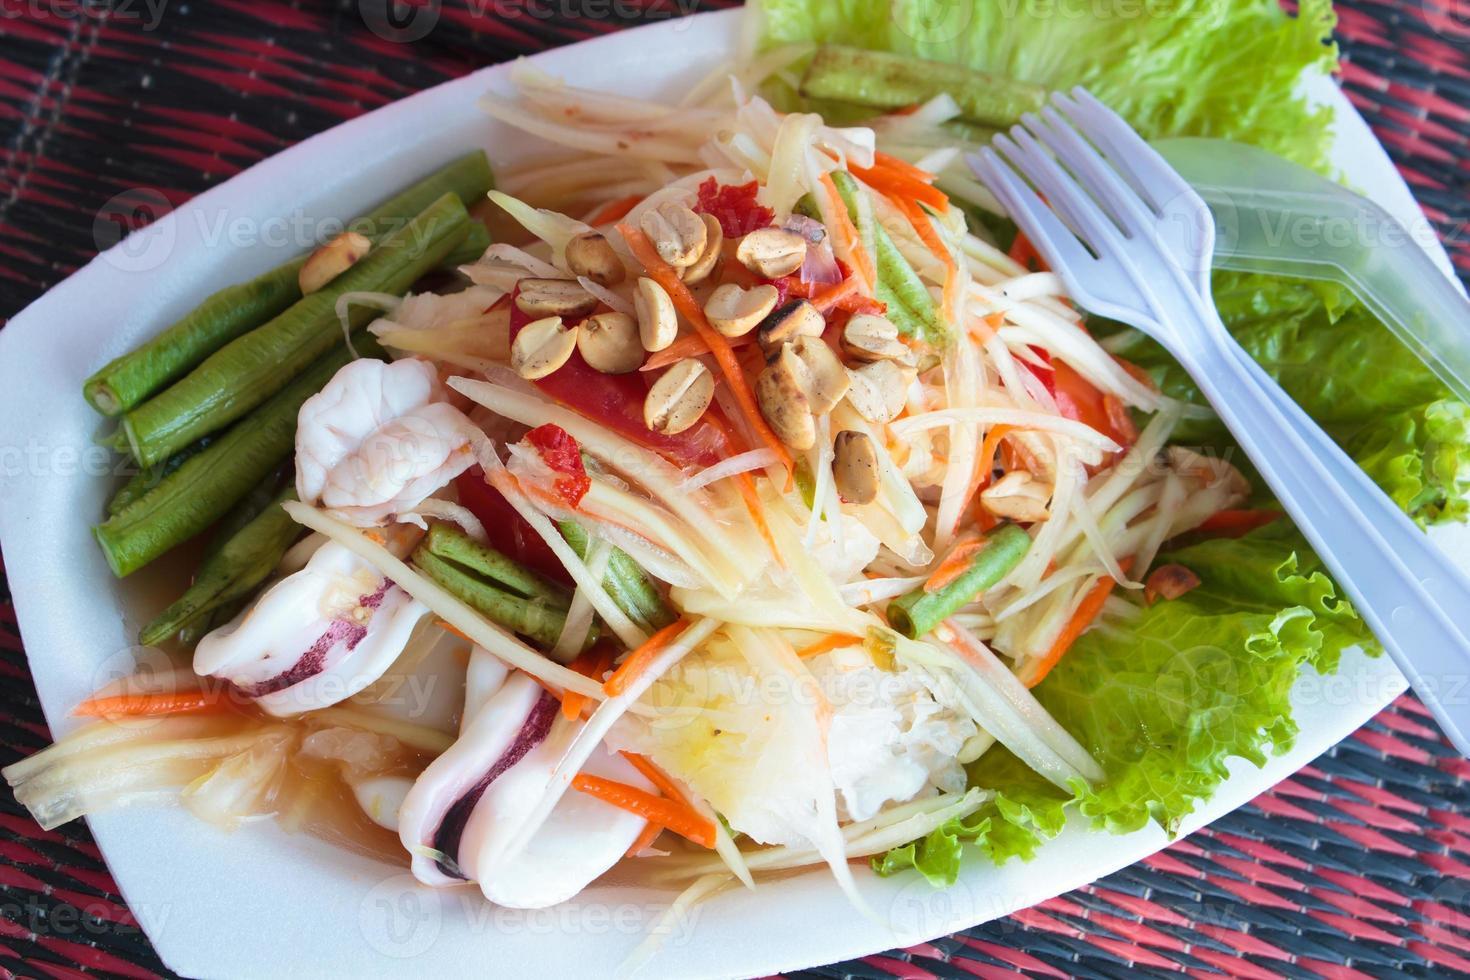 Ensalada de papaya marisco, comida tailandesa. foto